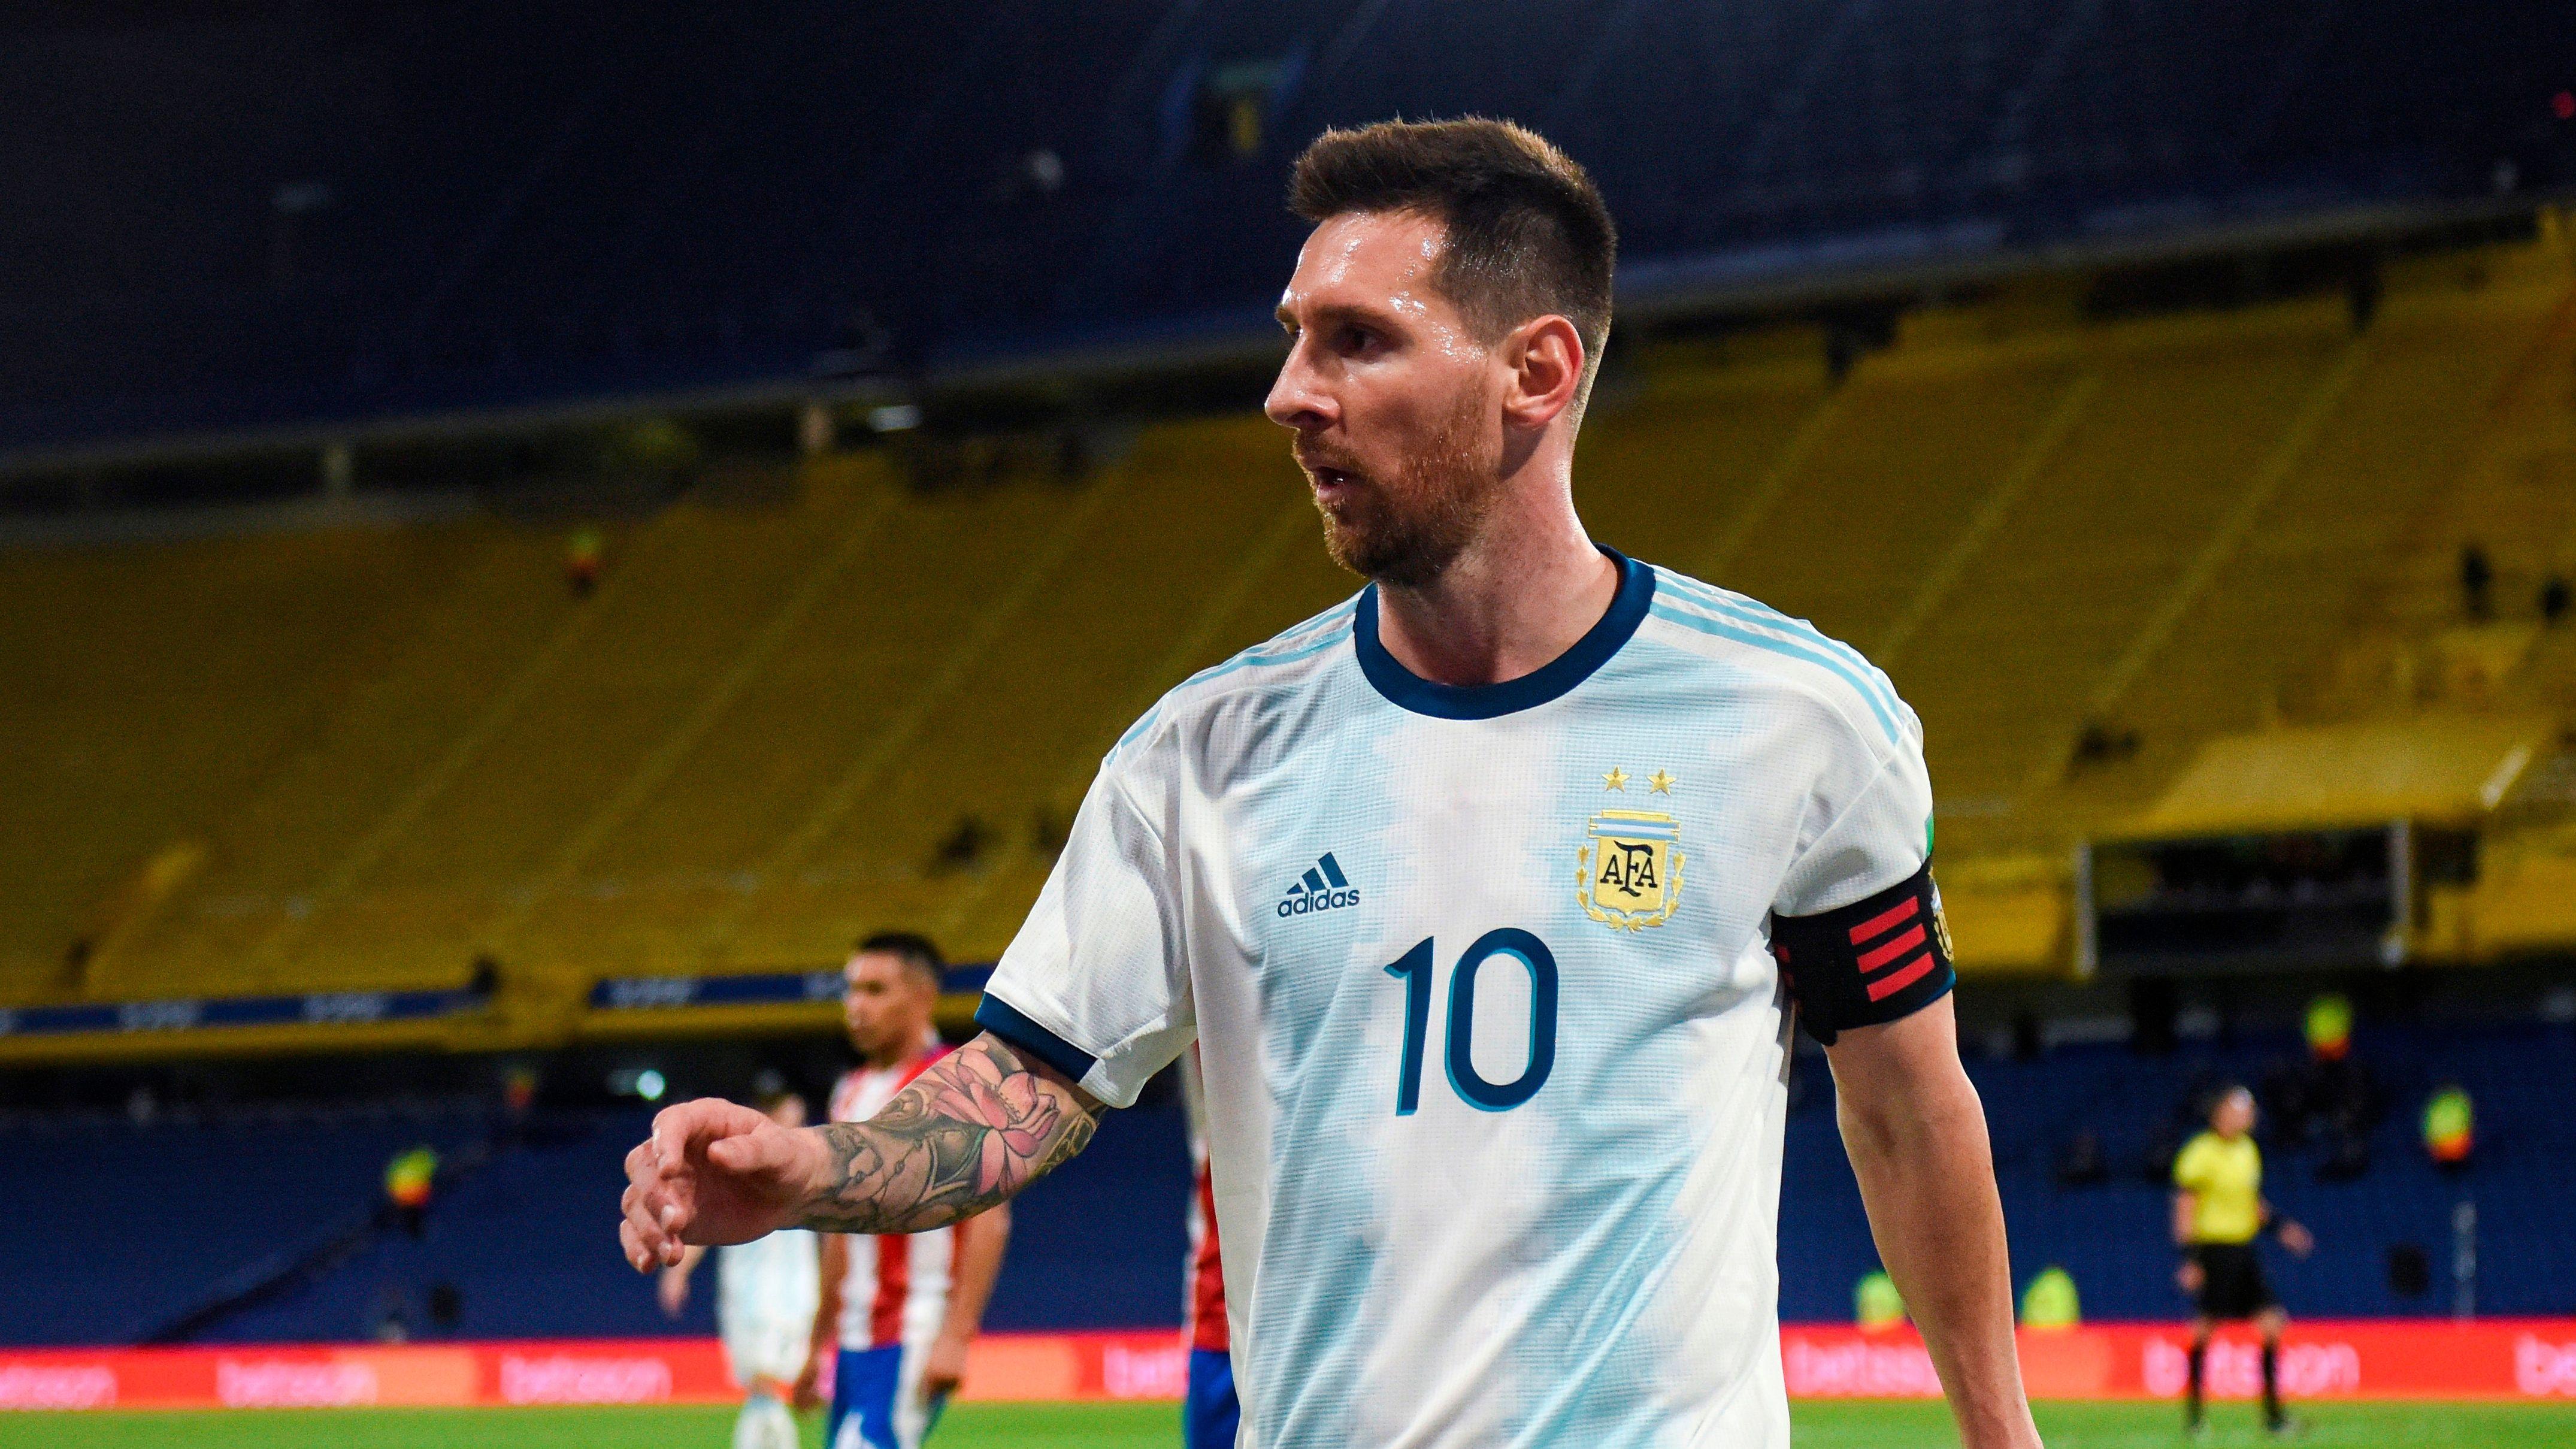 Lionel Messi, durante un partido de las Eliminatorias Sudamericanas para el Mundial de Qatar 2022 entre las selecciones de Argentina y Paraguay en el estadio La Bombonera en Buenos Aires (EFE/Marcelo Endelli)